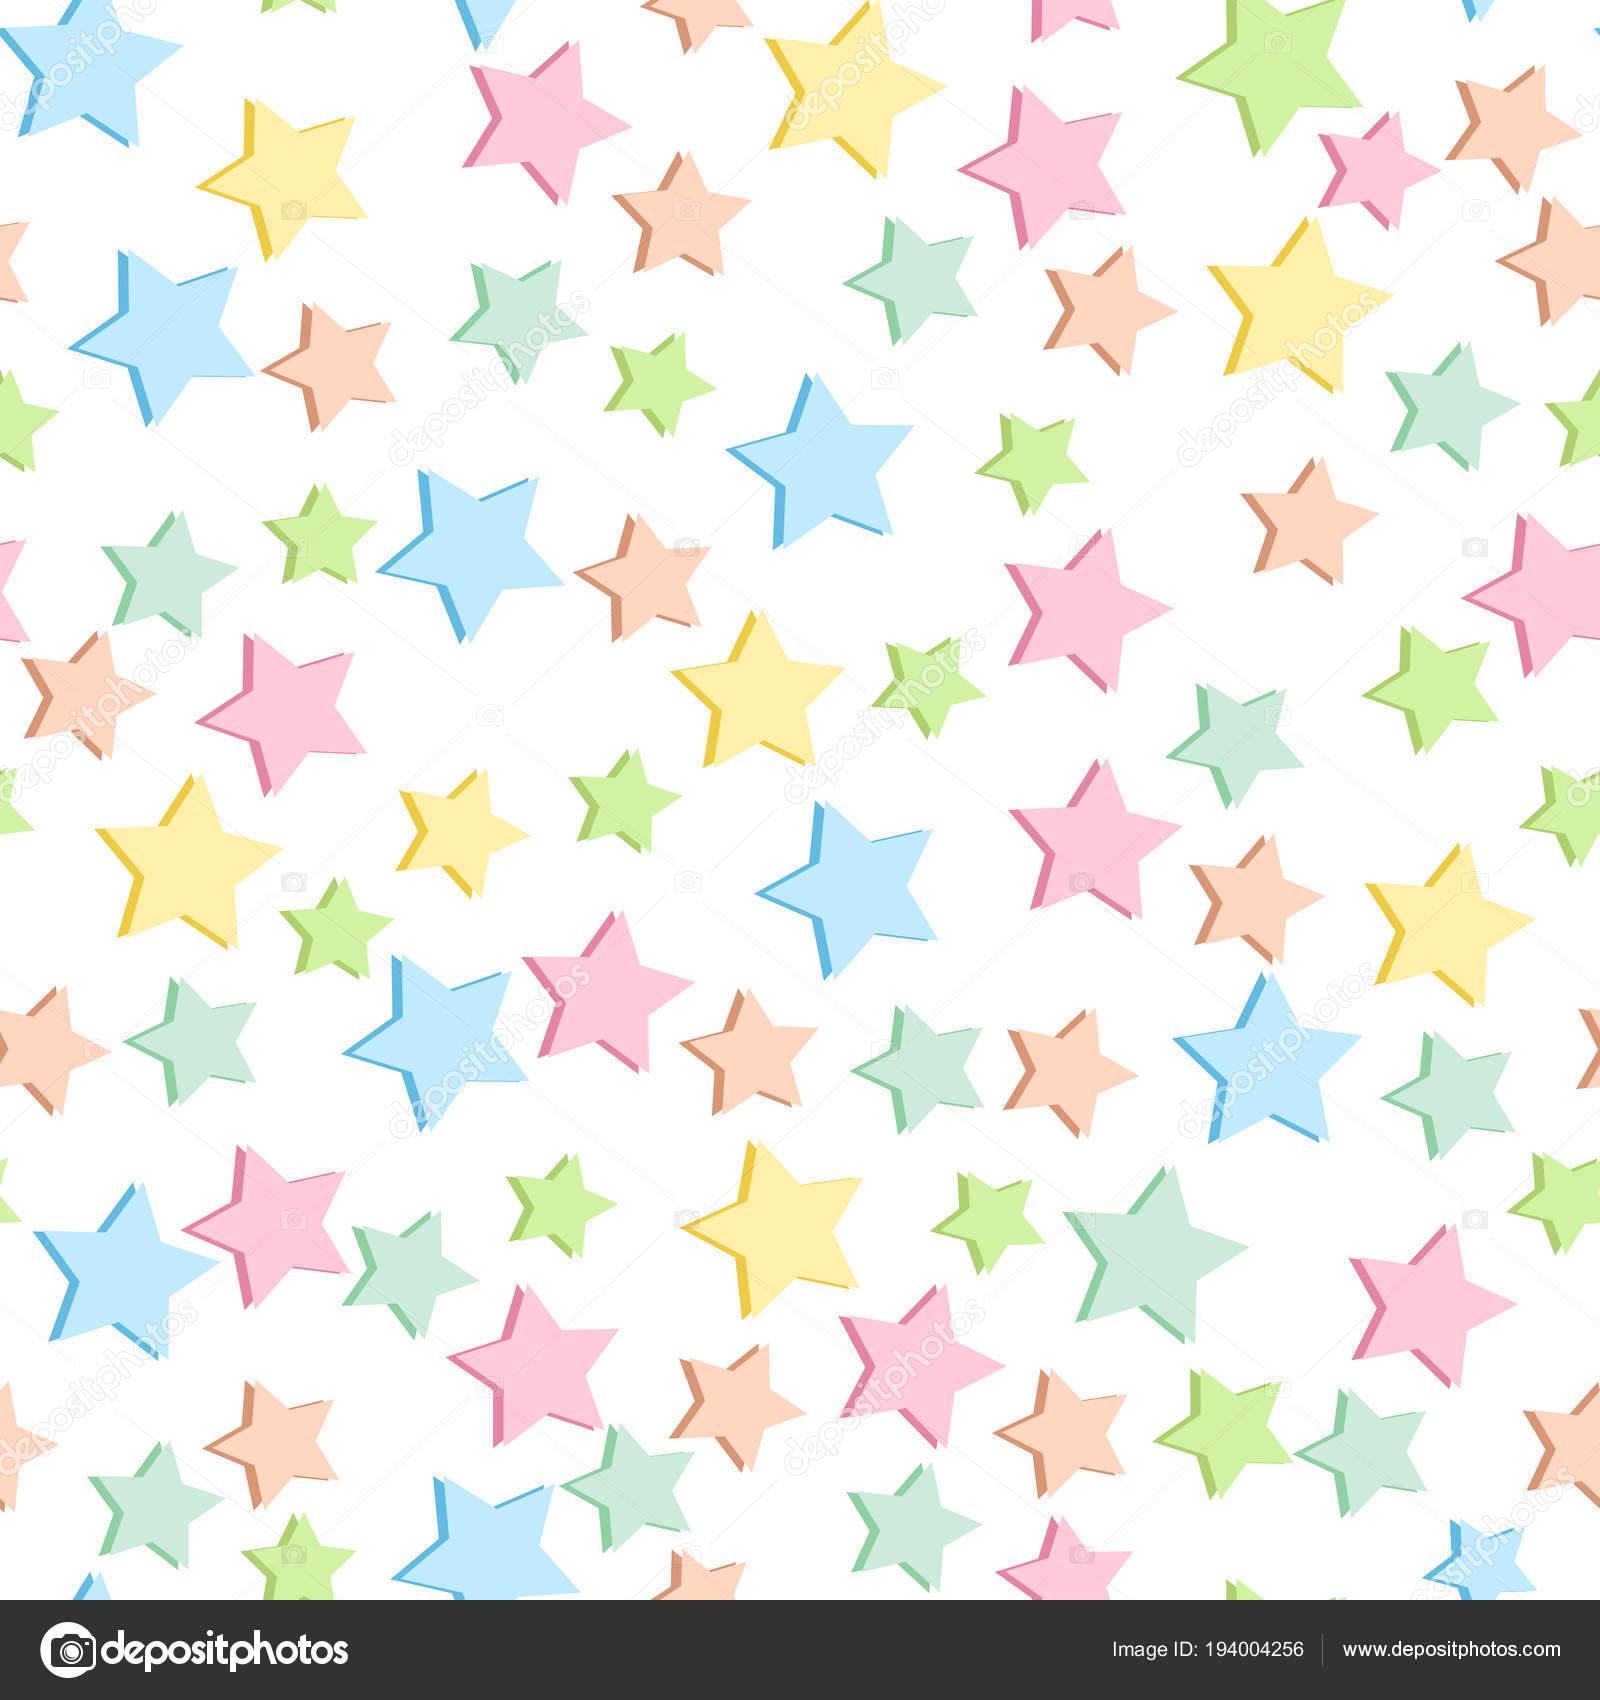 Fondo color pastel con estrellas